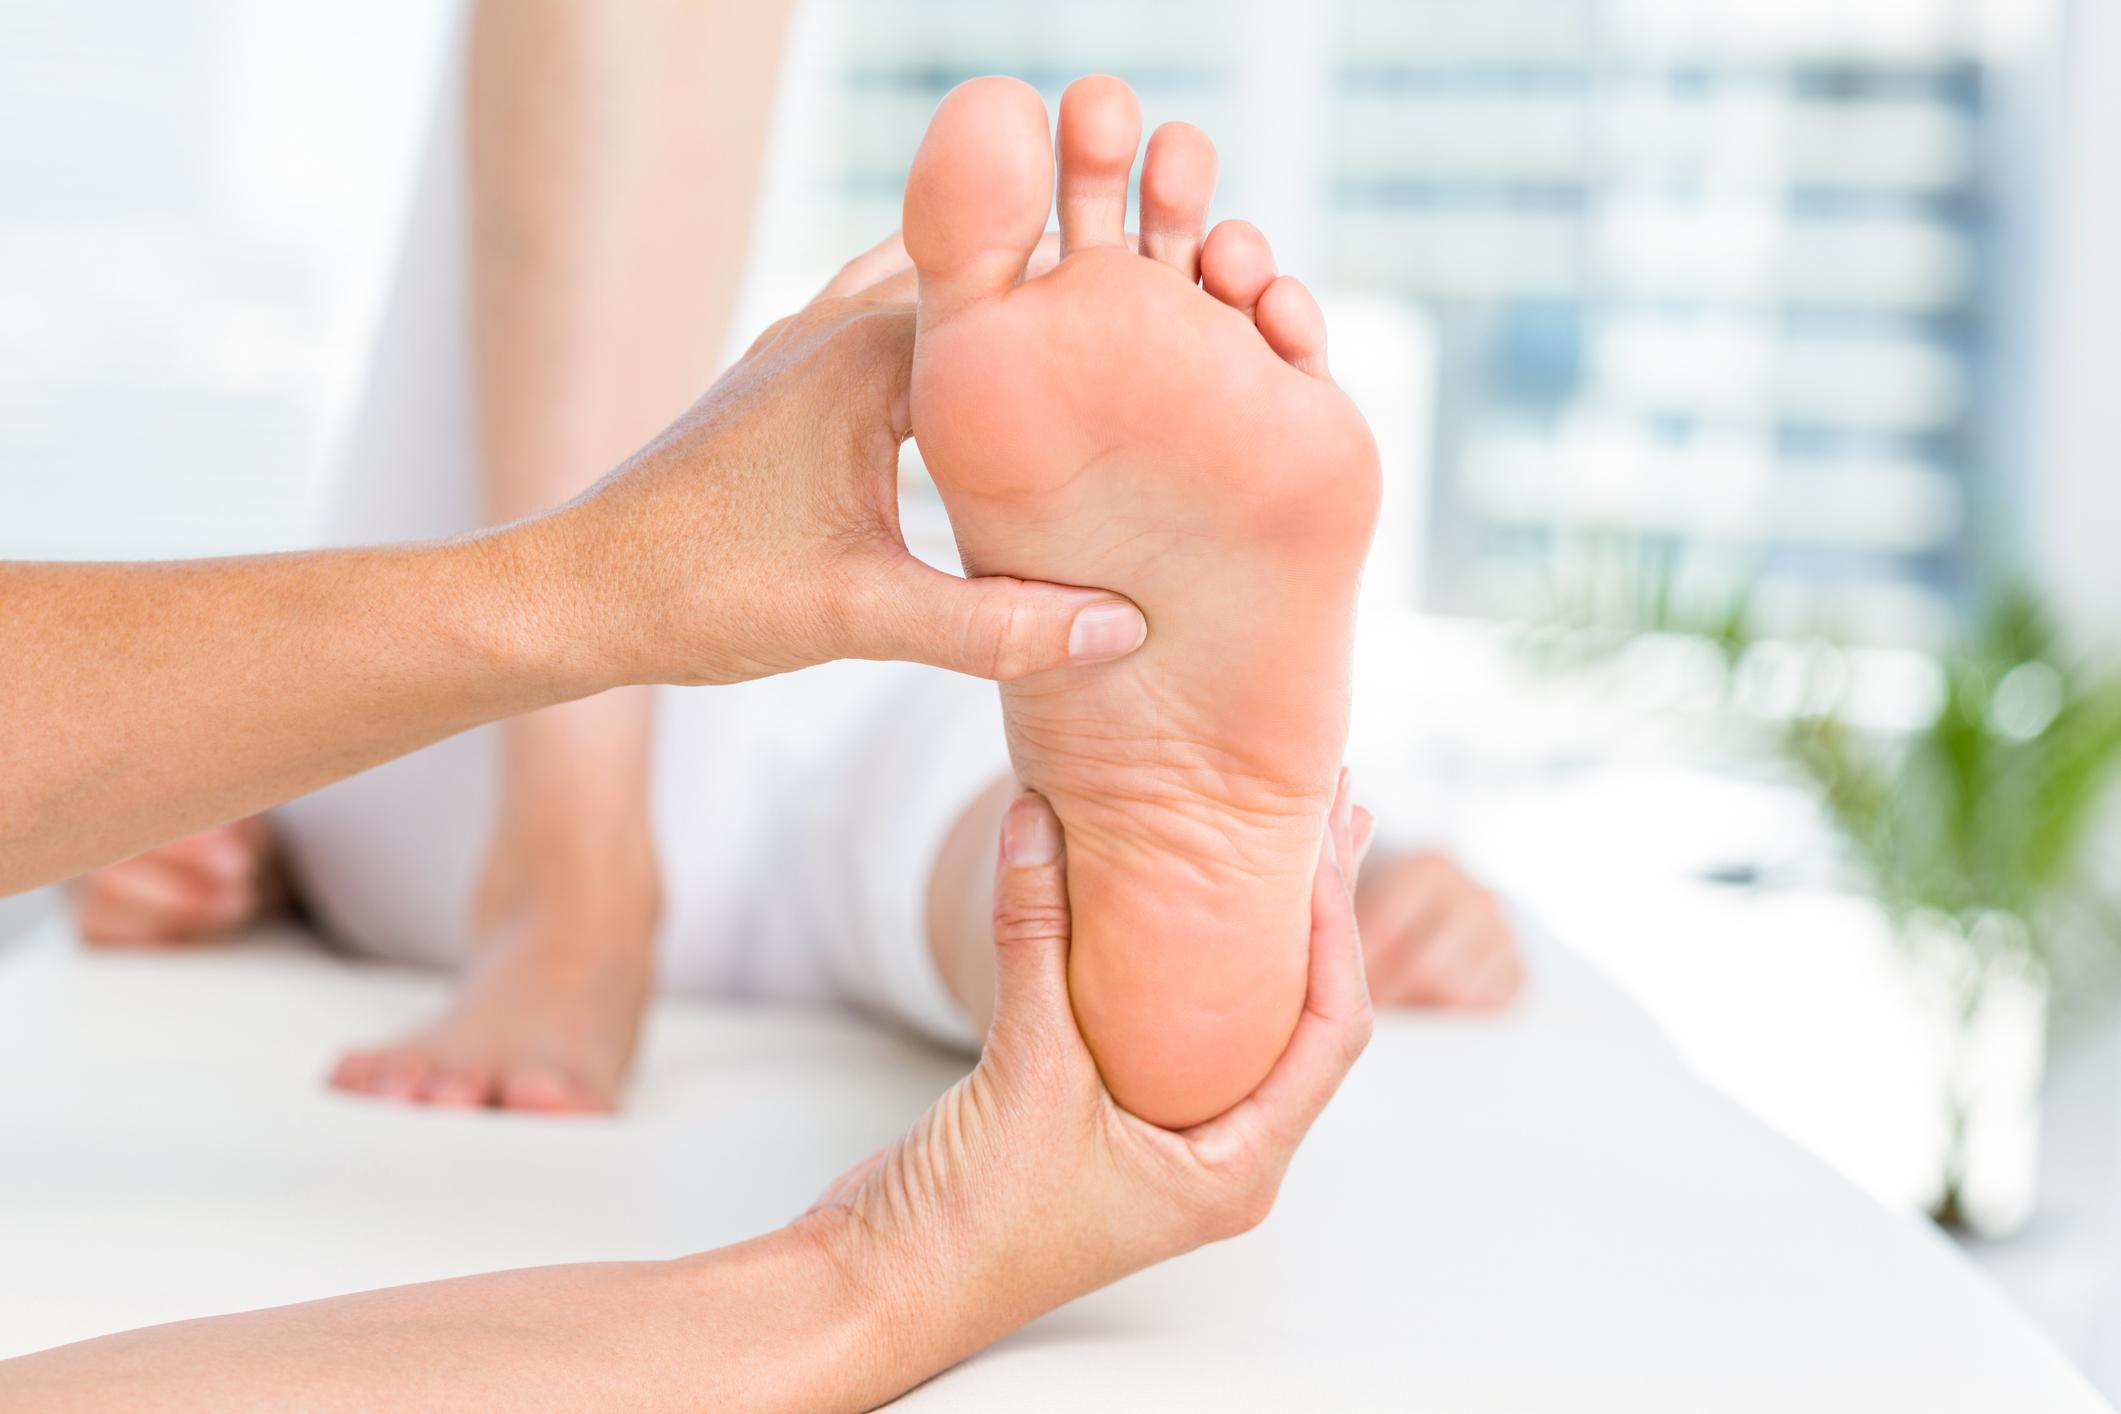 Le persone con i piedi piatti scelgono di mascherare il problema acquistando una semplice soletta invece di identificare la causa principale del problema